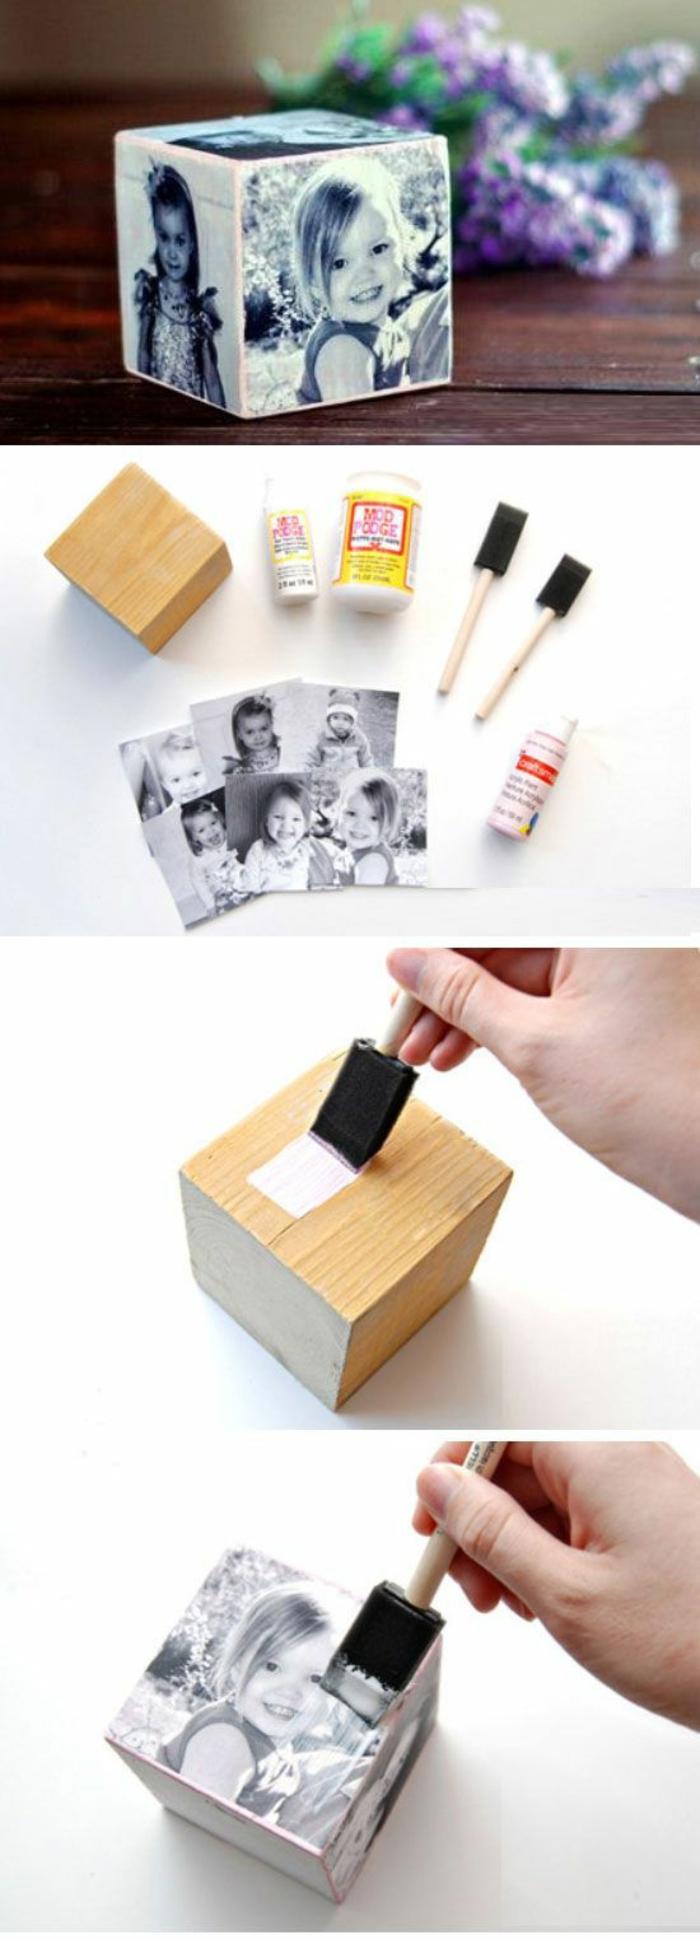 ein Würfel mit schwarz-weißen Fotos von kleinen Mädchen - Geschenk für Muttertag